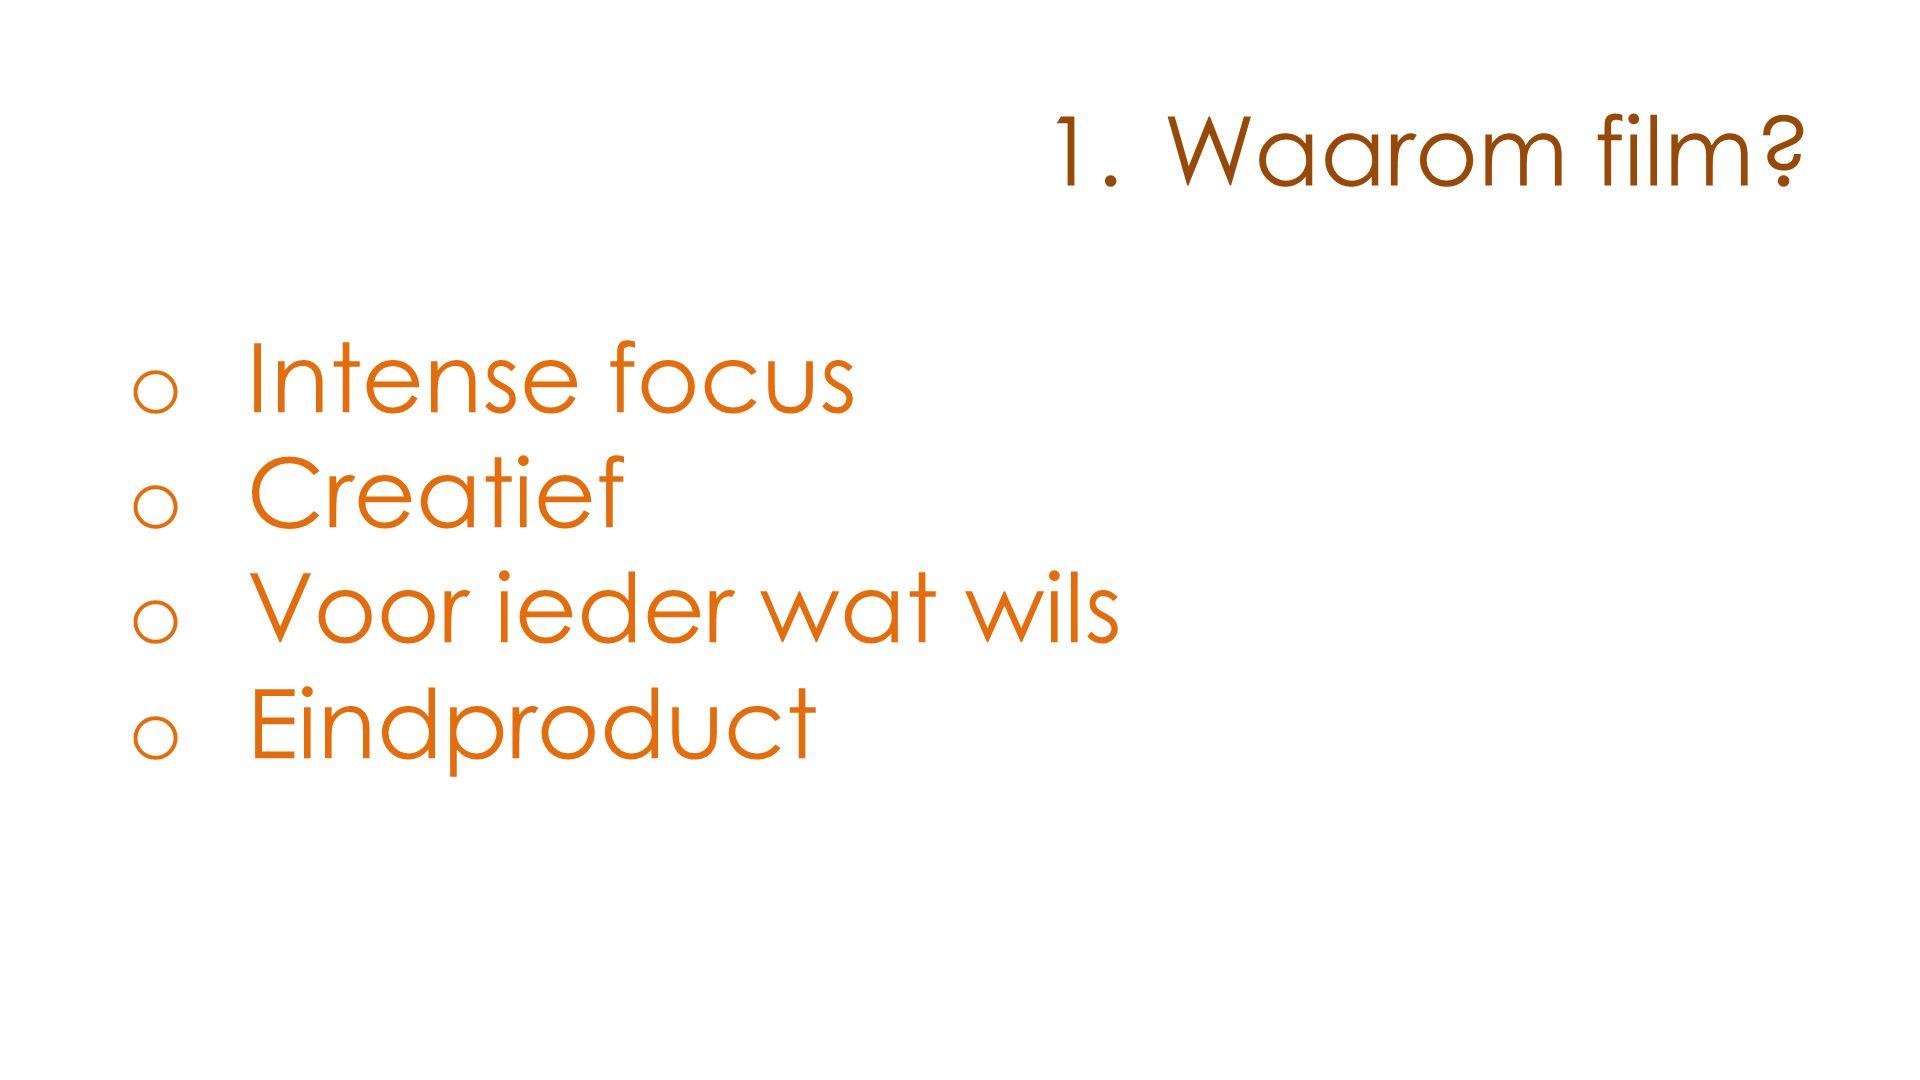 1.Waarom film? o Intense focus o Creatief o Voor ieder wat wils o Eindproduct o Bij de tijd